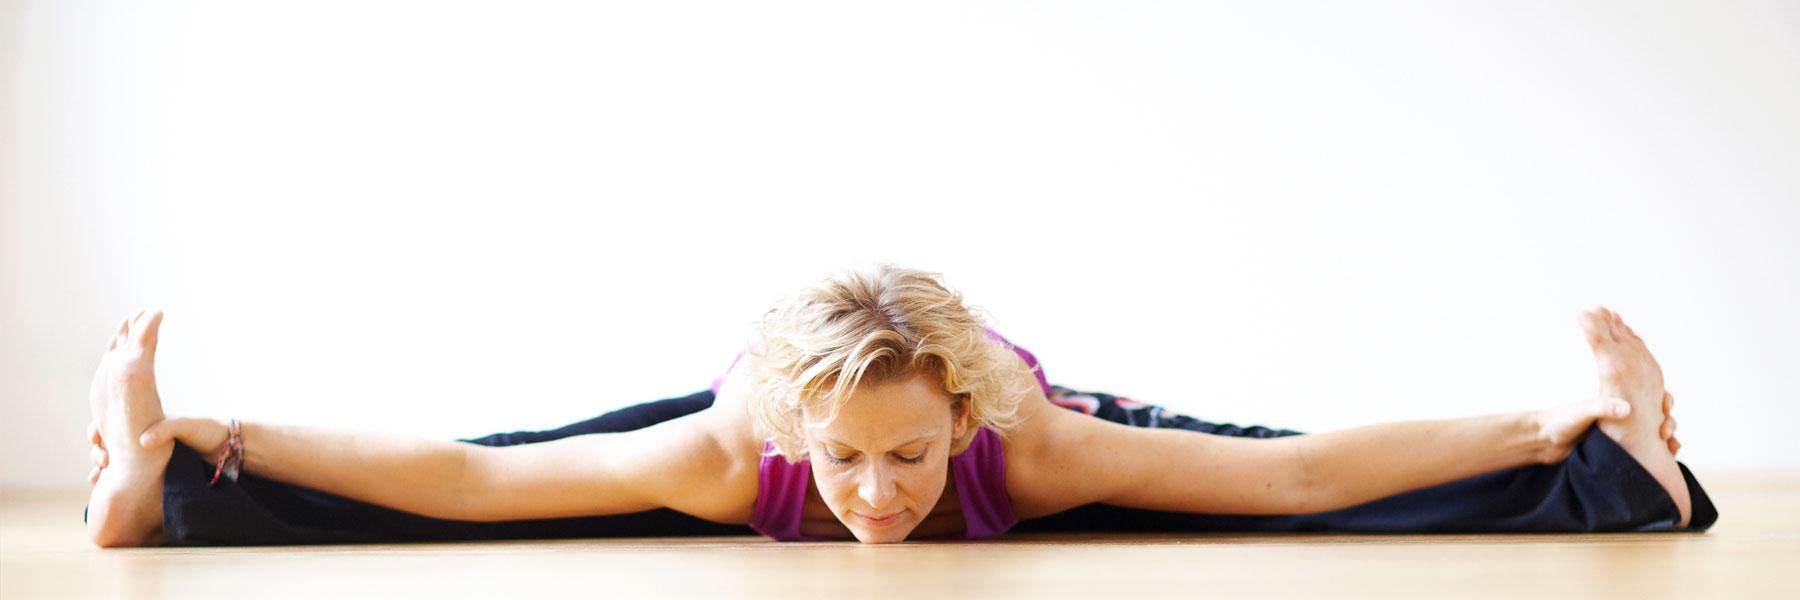 yogakula3.jpg